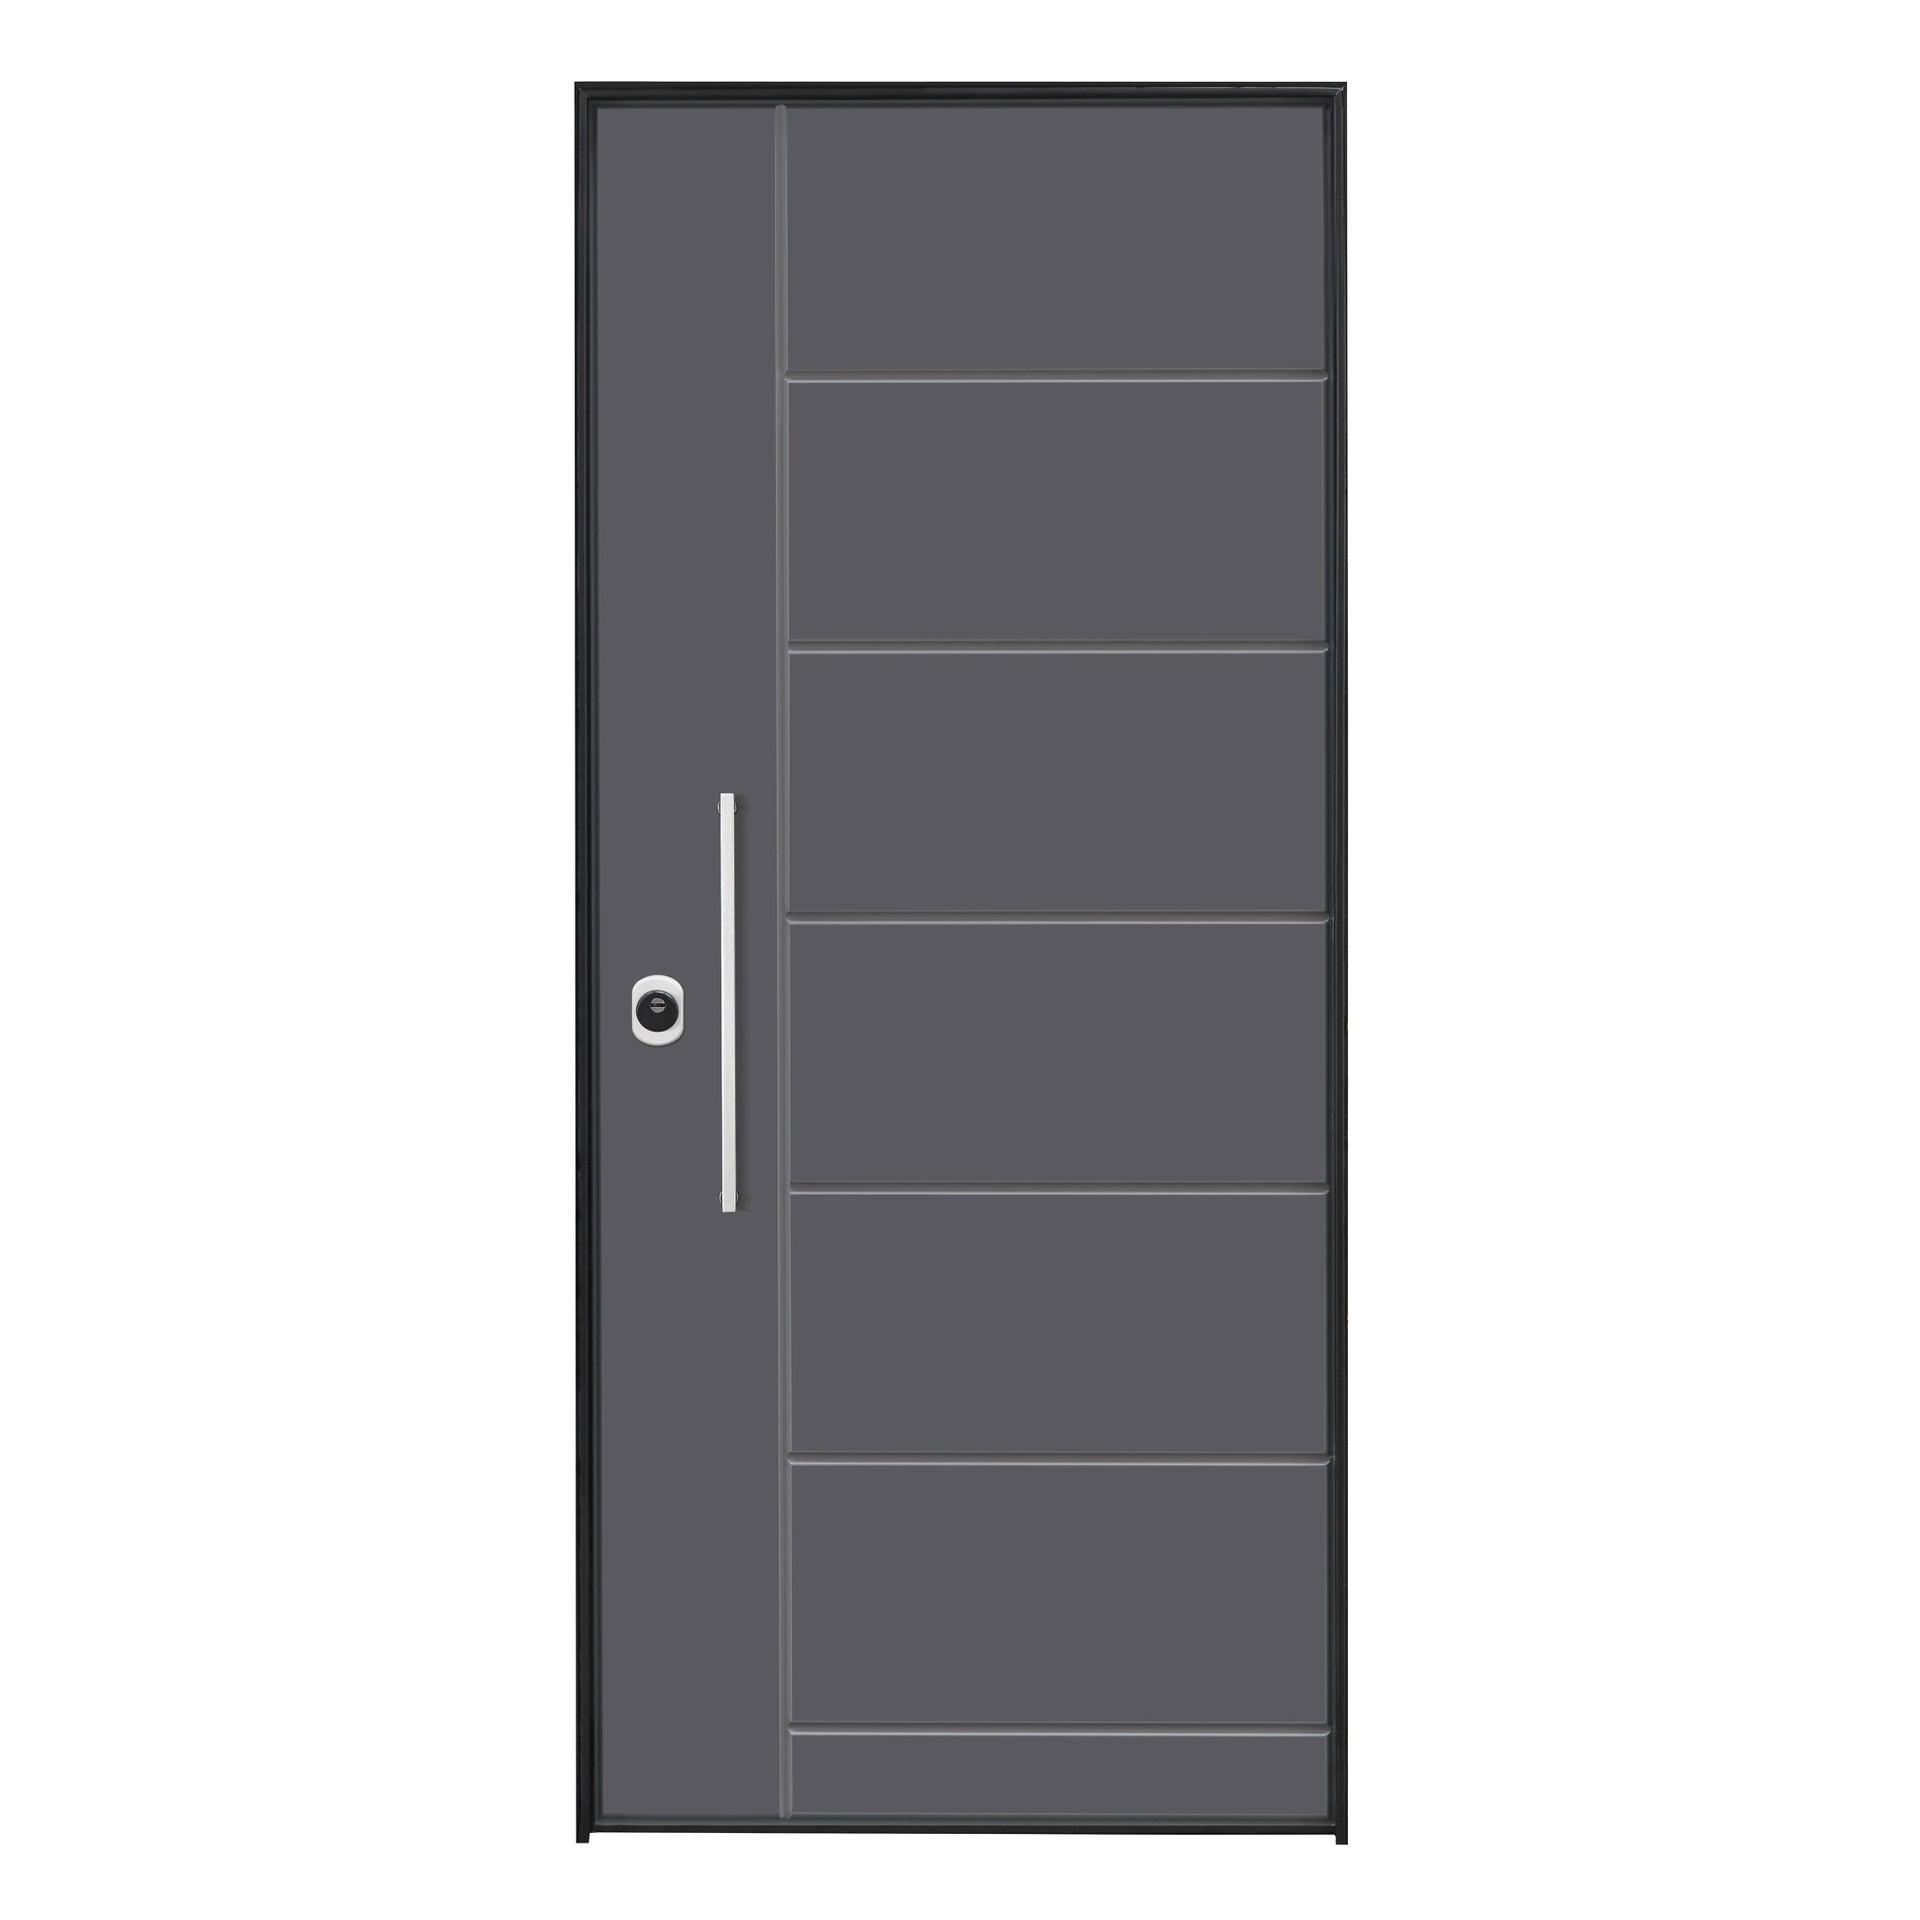 Porta blindata Termika grigio L 90 x H 210 cm destra - 7